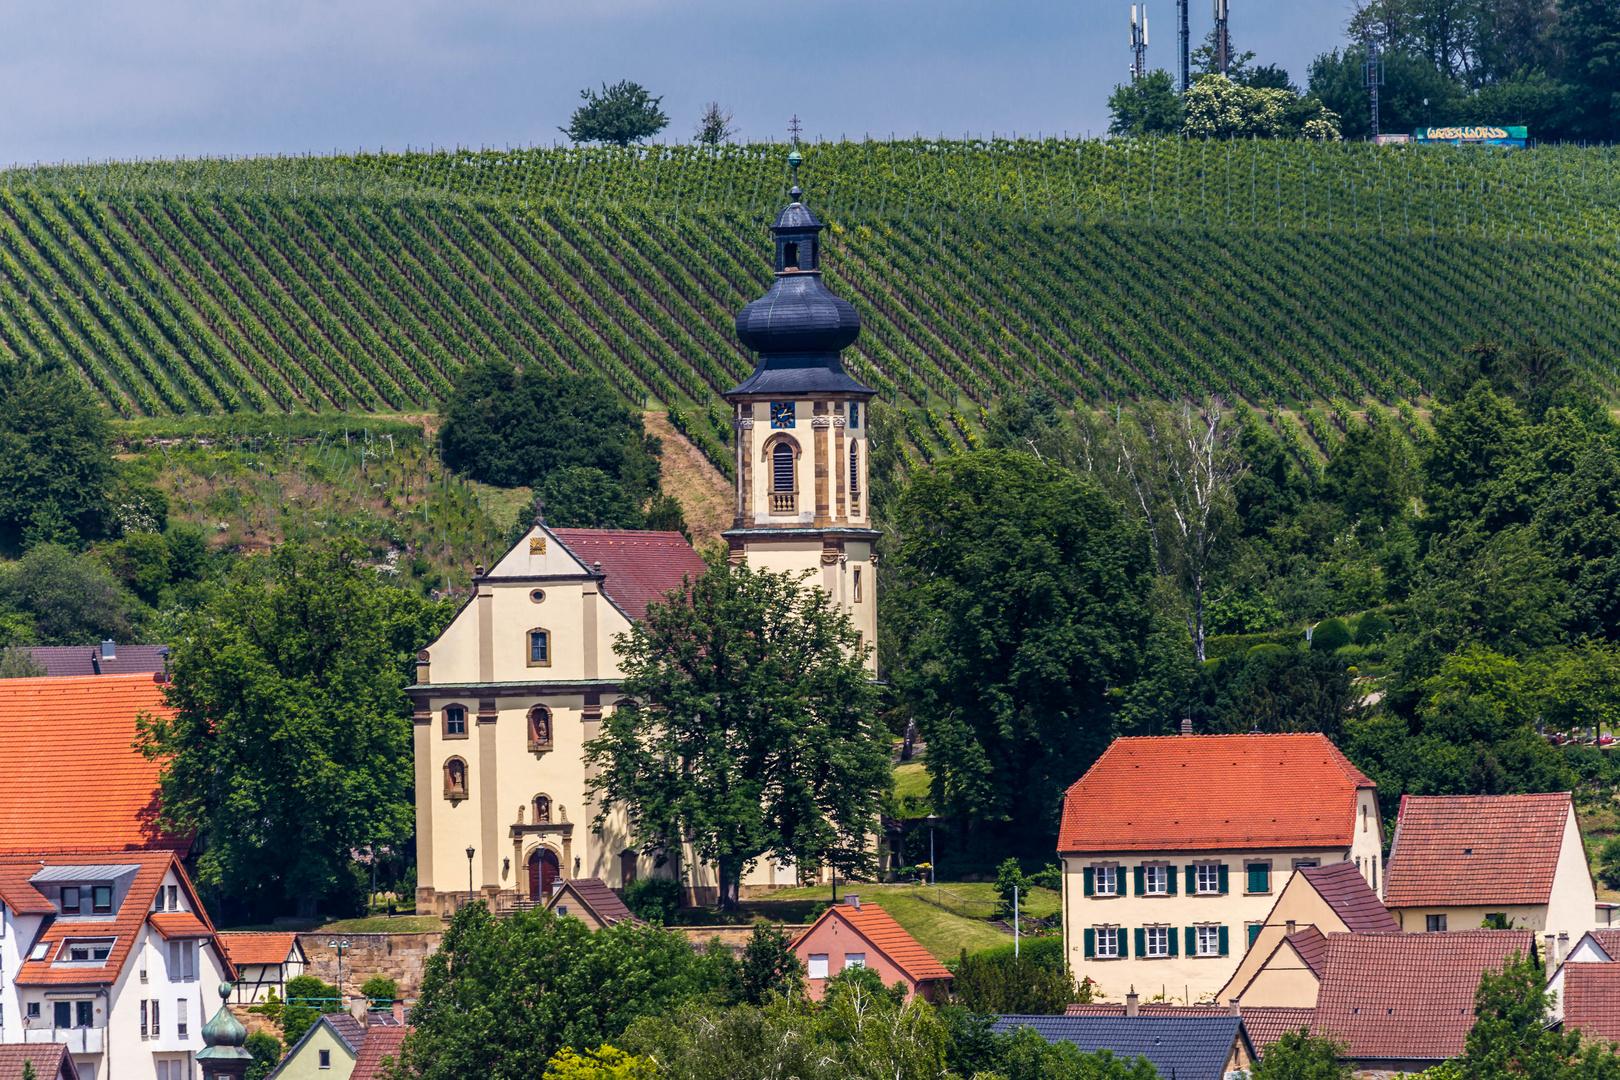 Erlenbach #2